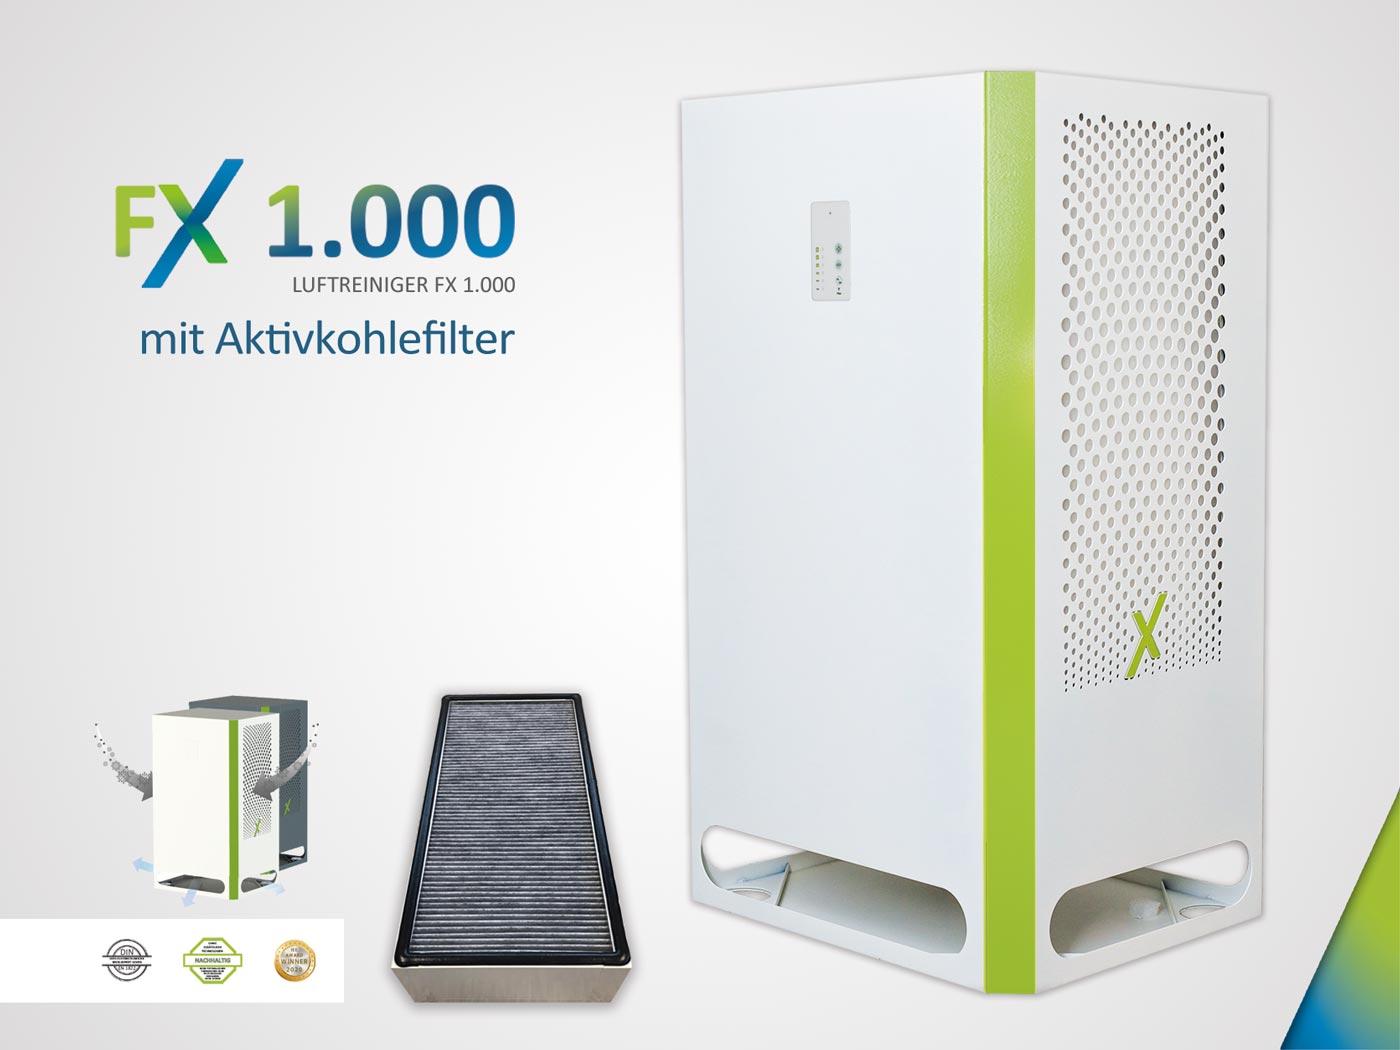 FX 1.000 - Luftreiniger und Raumluftfilter mit Aktivkohle und HEPA H14 Filter